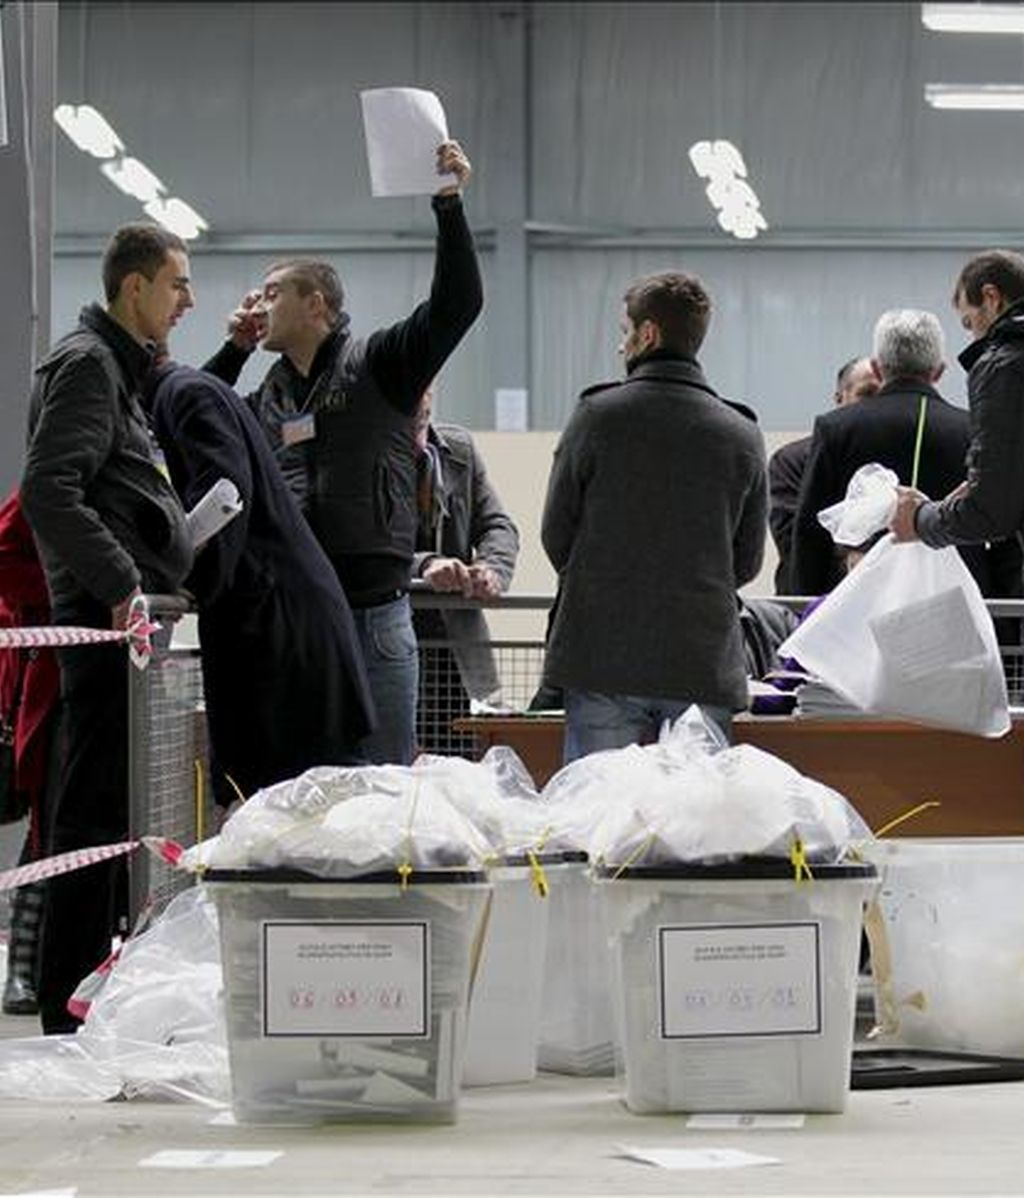 Proceso de recuento de votos de las elecciones legislativas celebradas ayer, en un centro de recuento de votos en Pristina (Kosovo). EFE